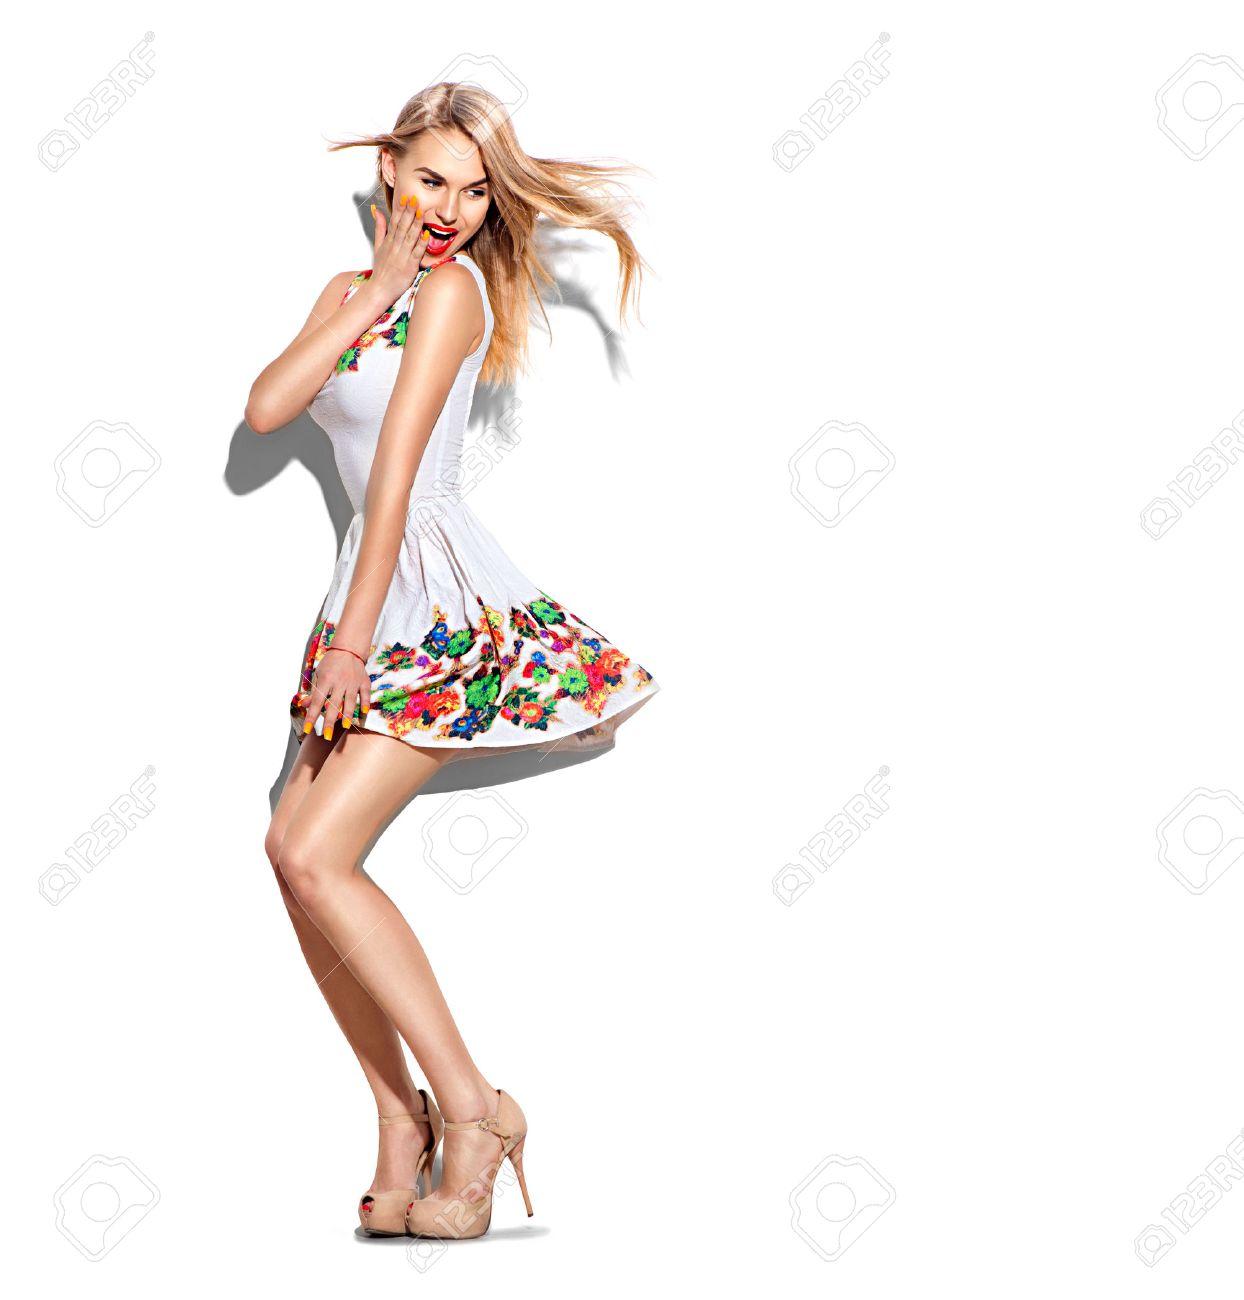 Surprised fashion model girl full length portrait dressed in short white dress - 54898659